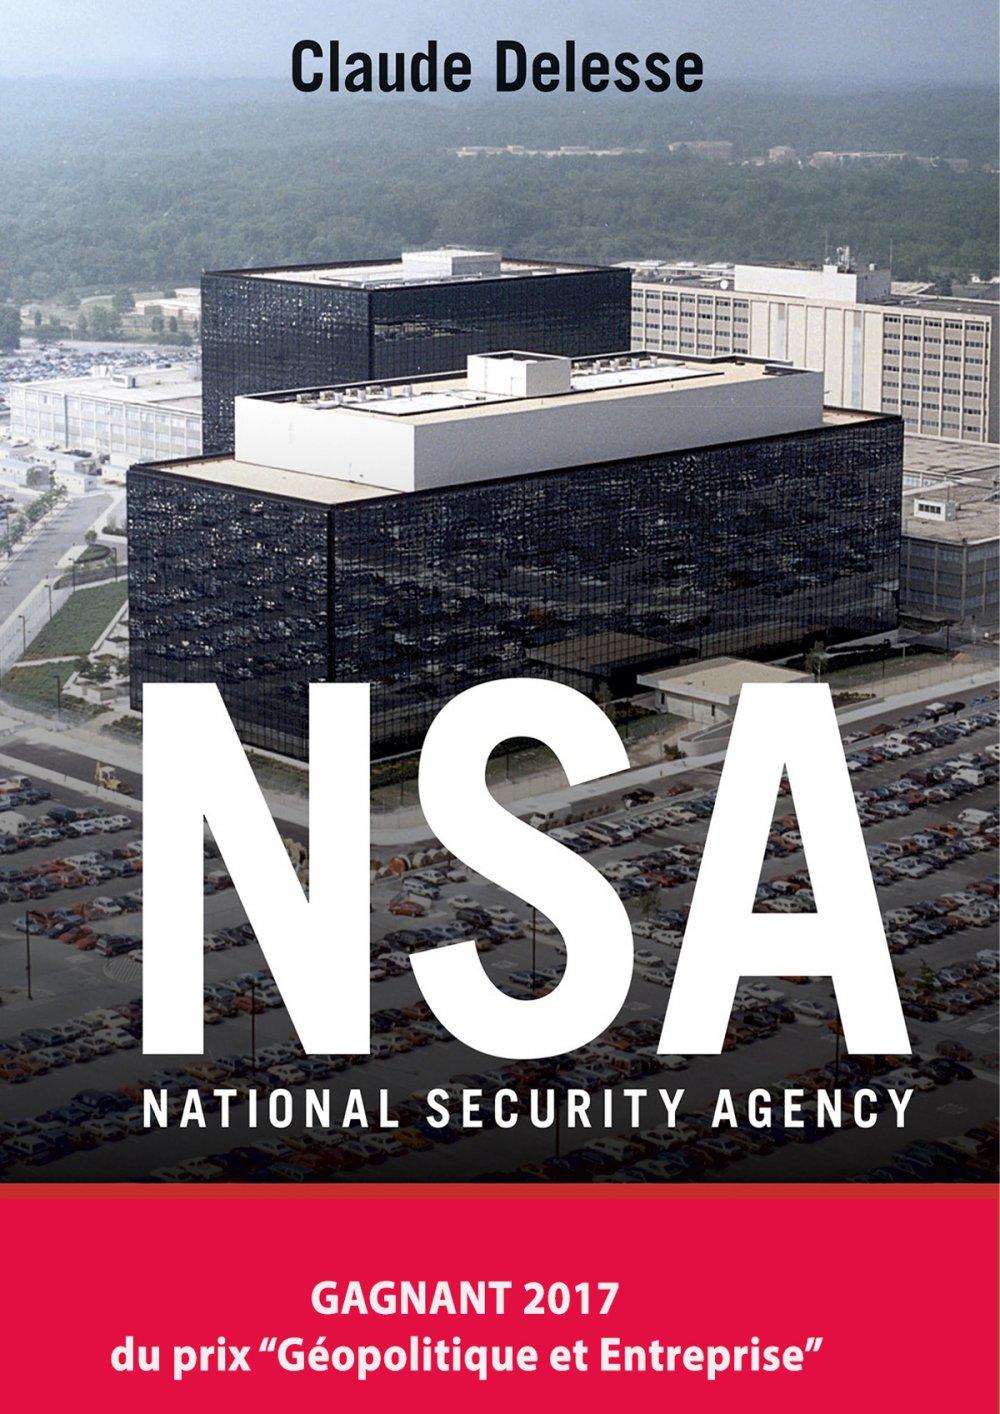 CLAUDE DELESSE, LA NSA